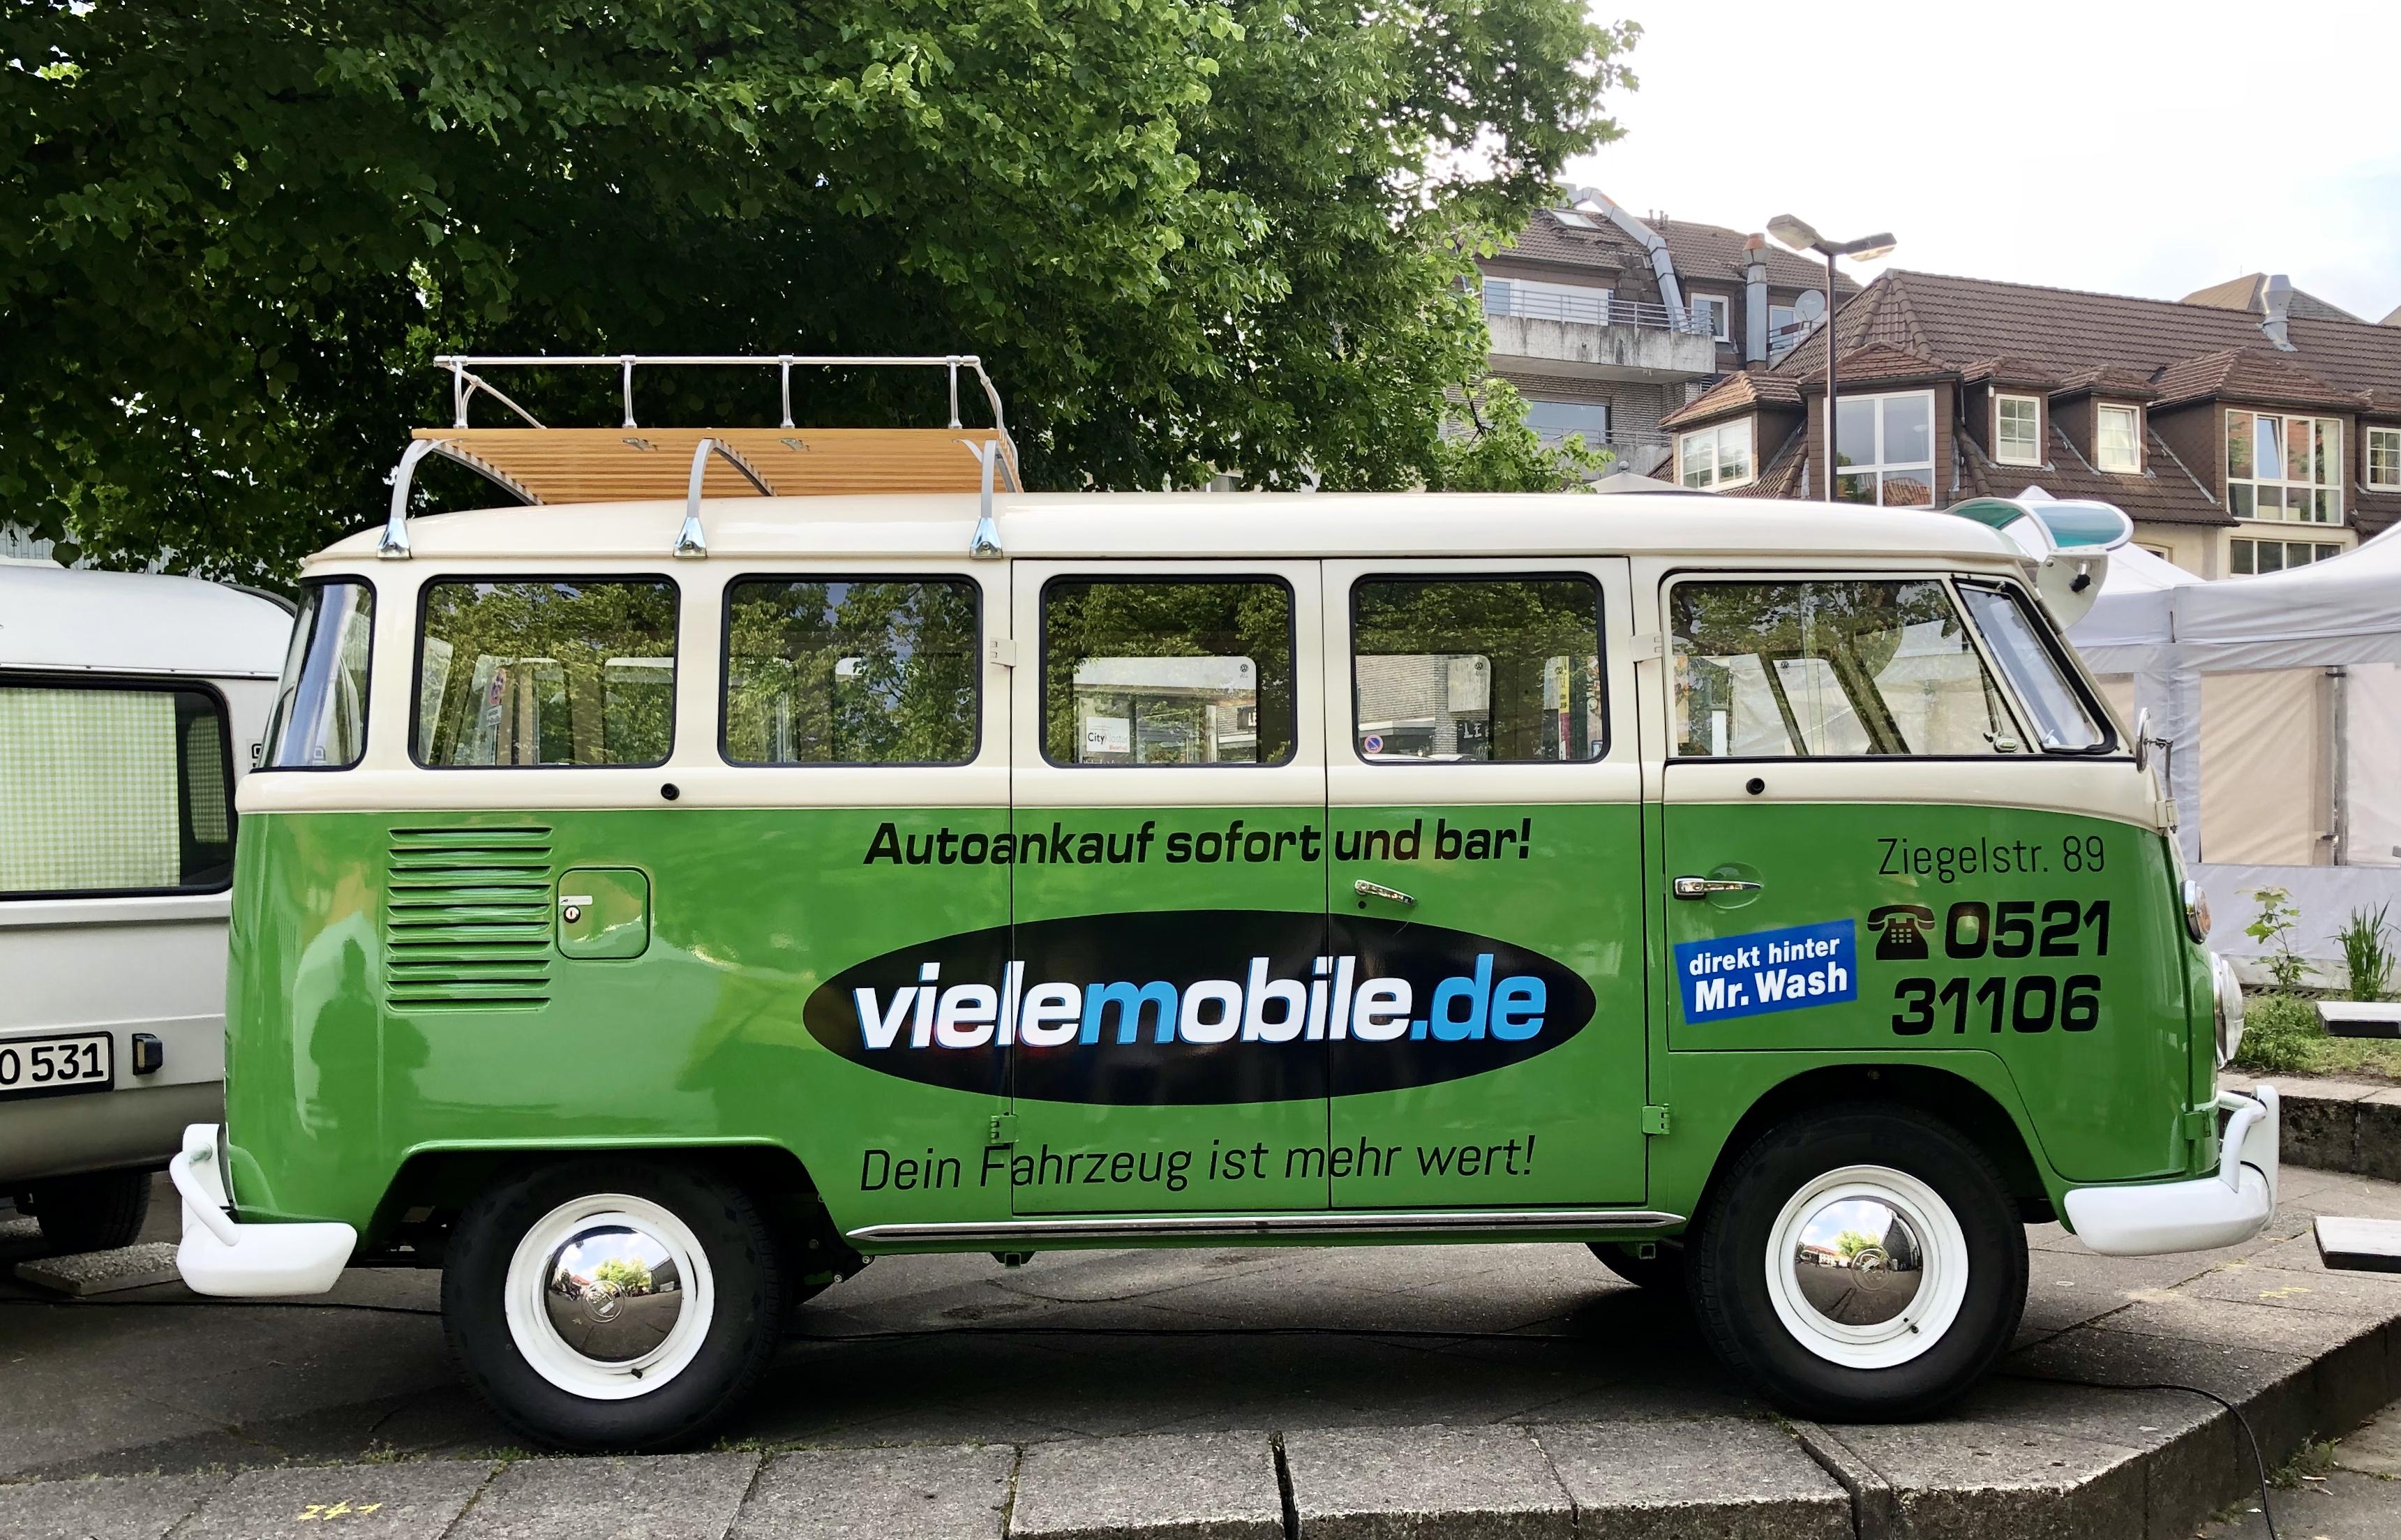 Autoankauf ohne Sorgen in Bielefeld